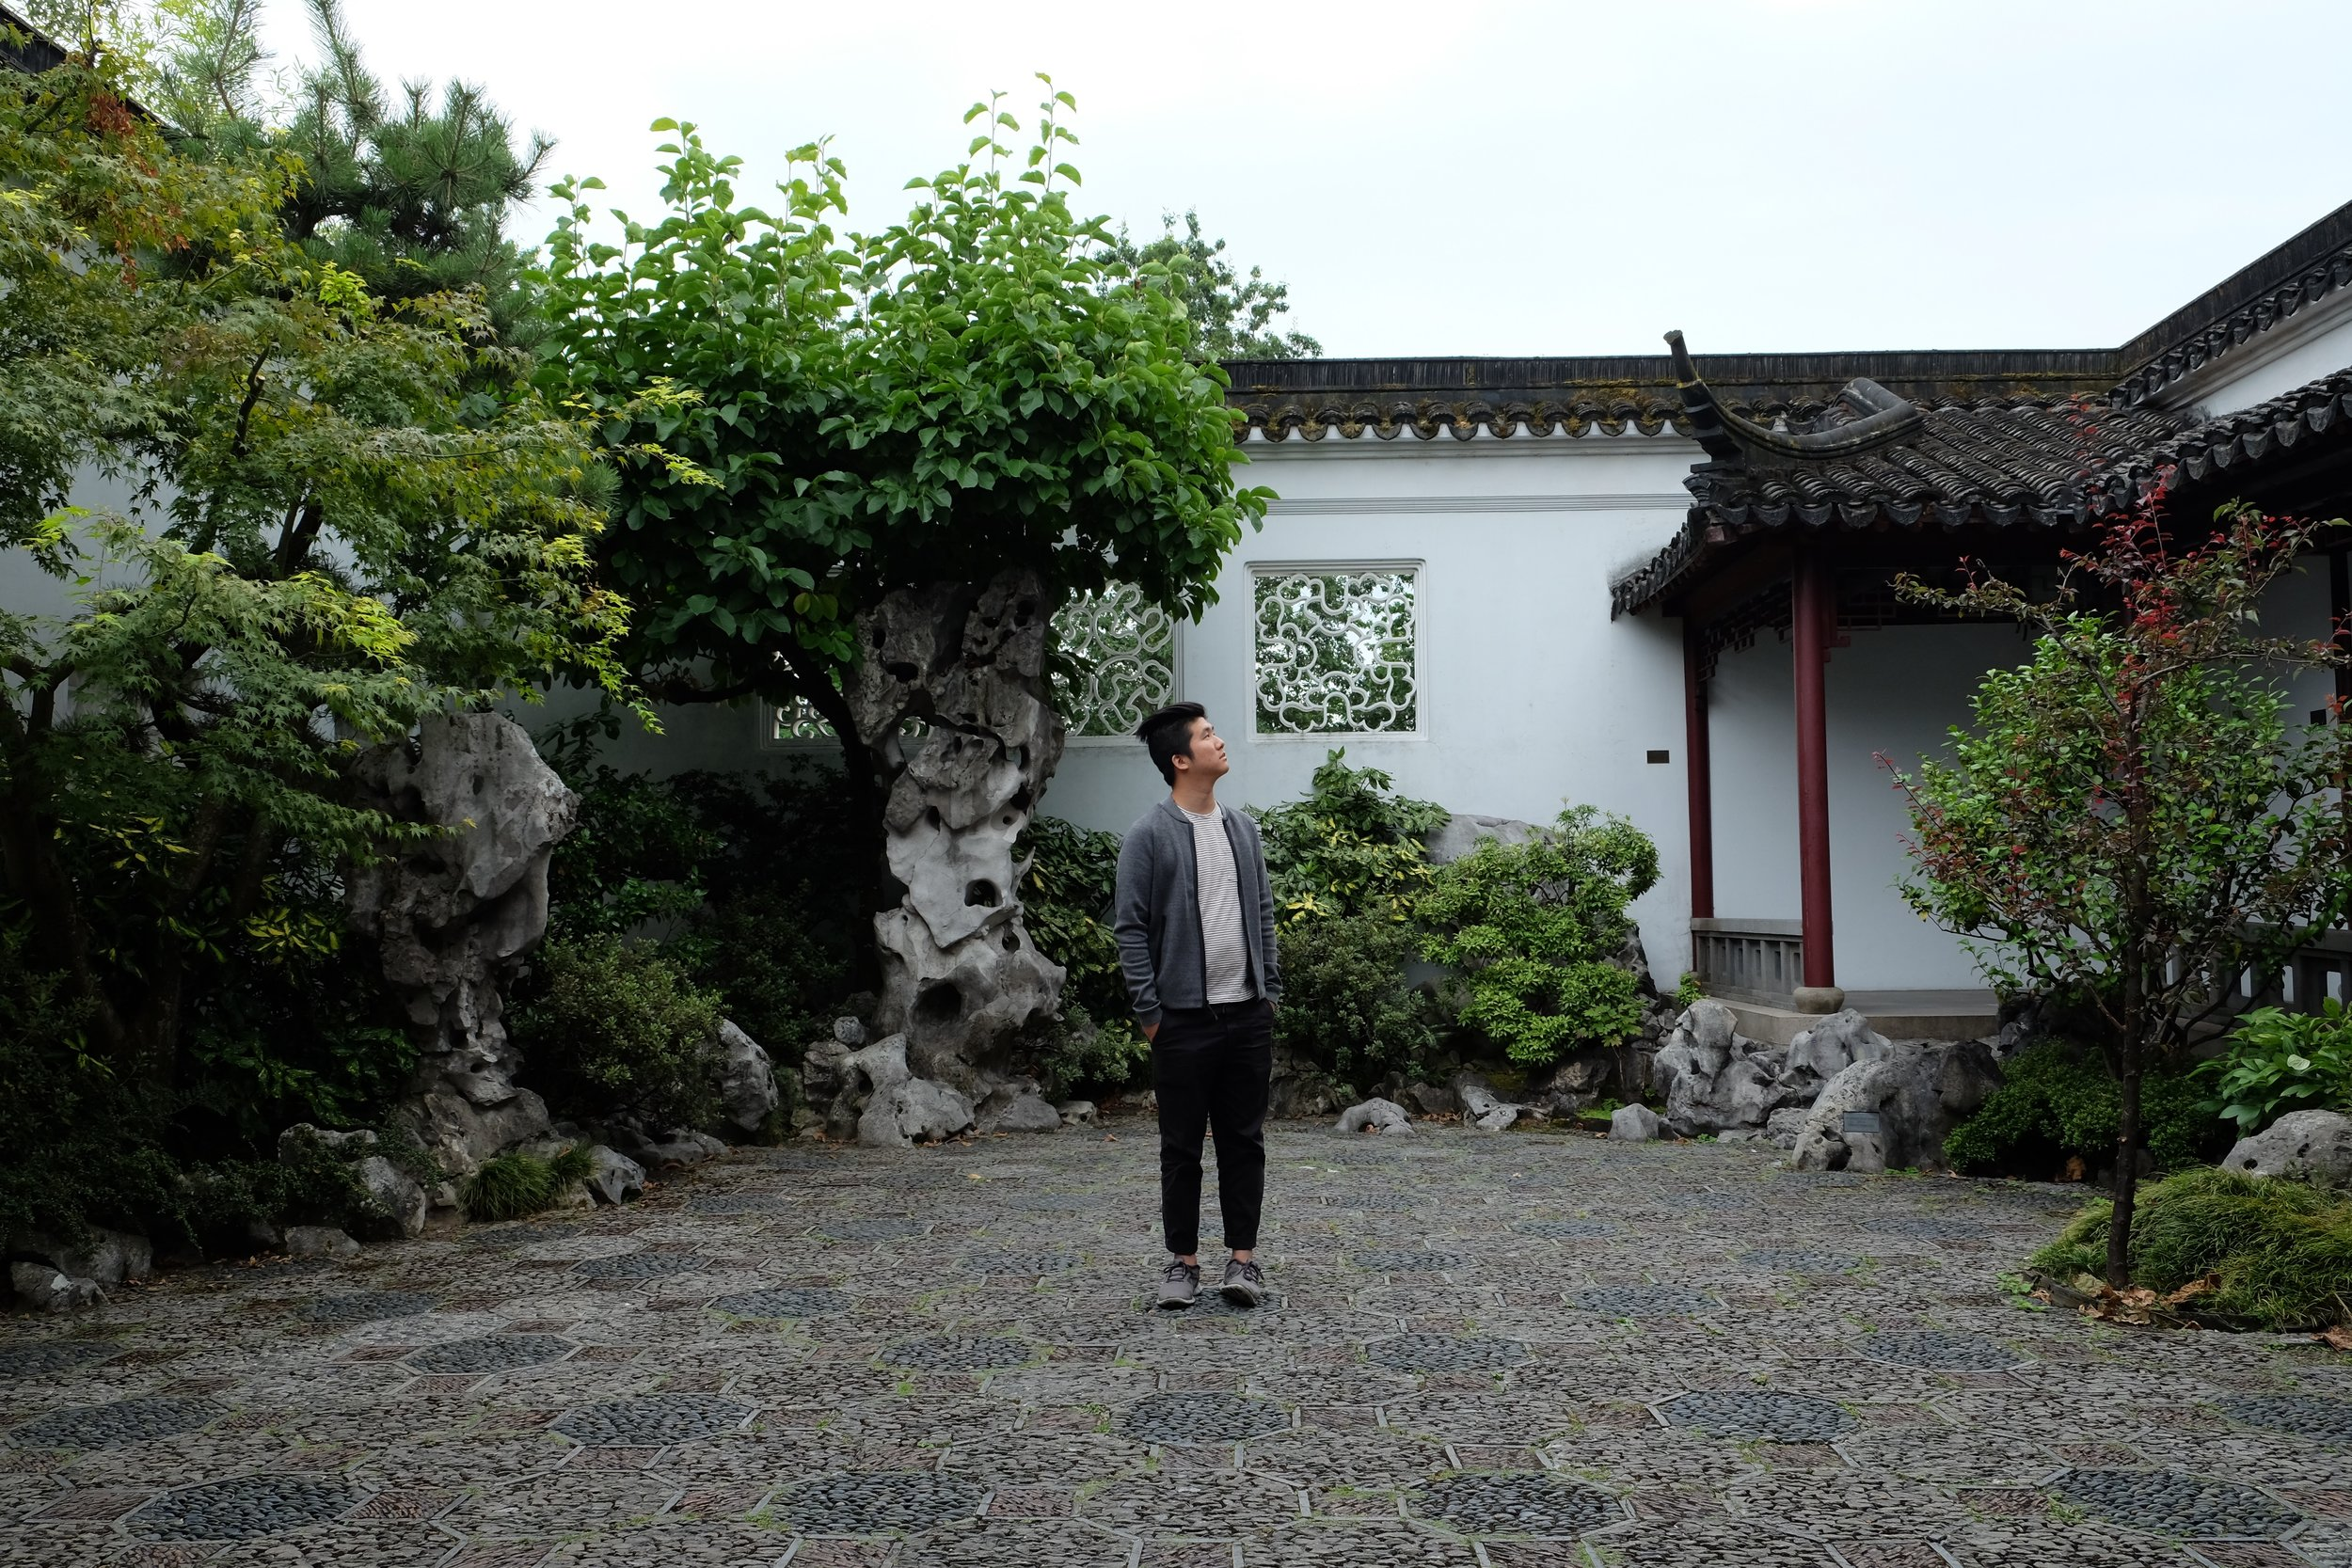 Dr. Sun Yat-Sen Classical Chinese Garden, 2016.